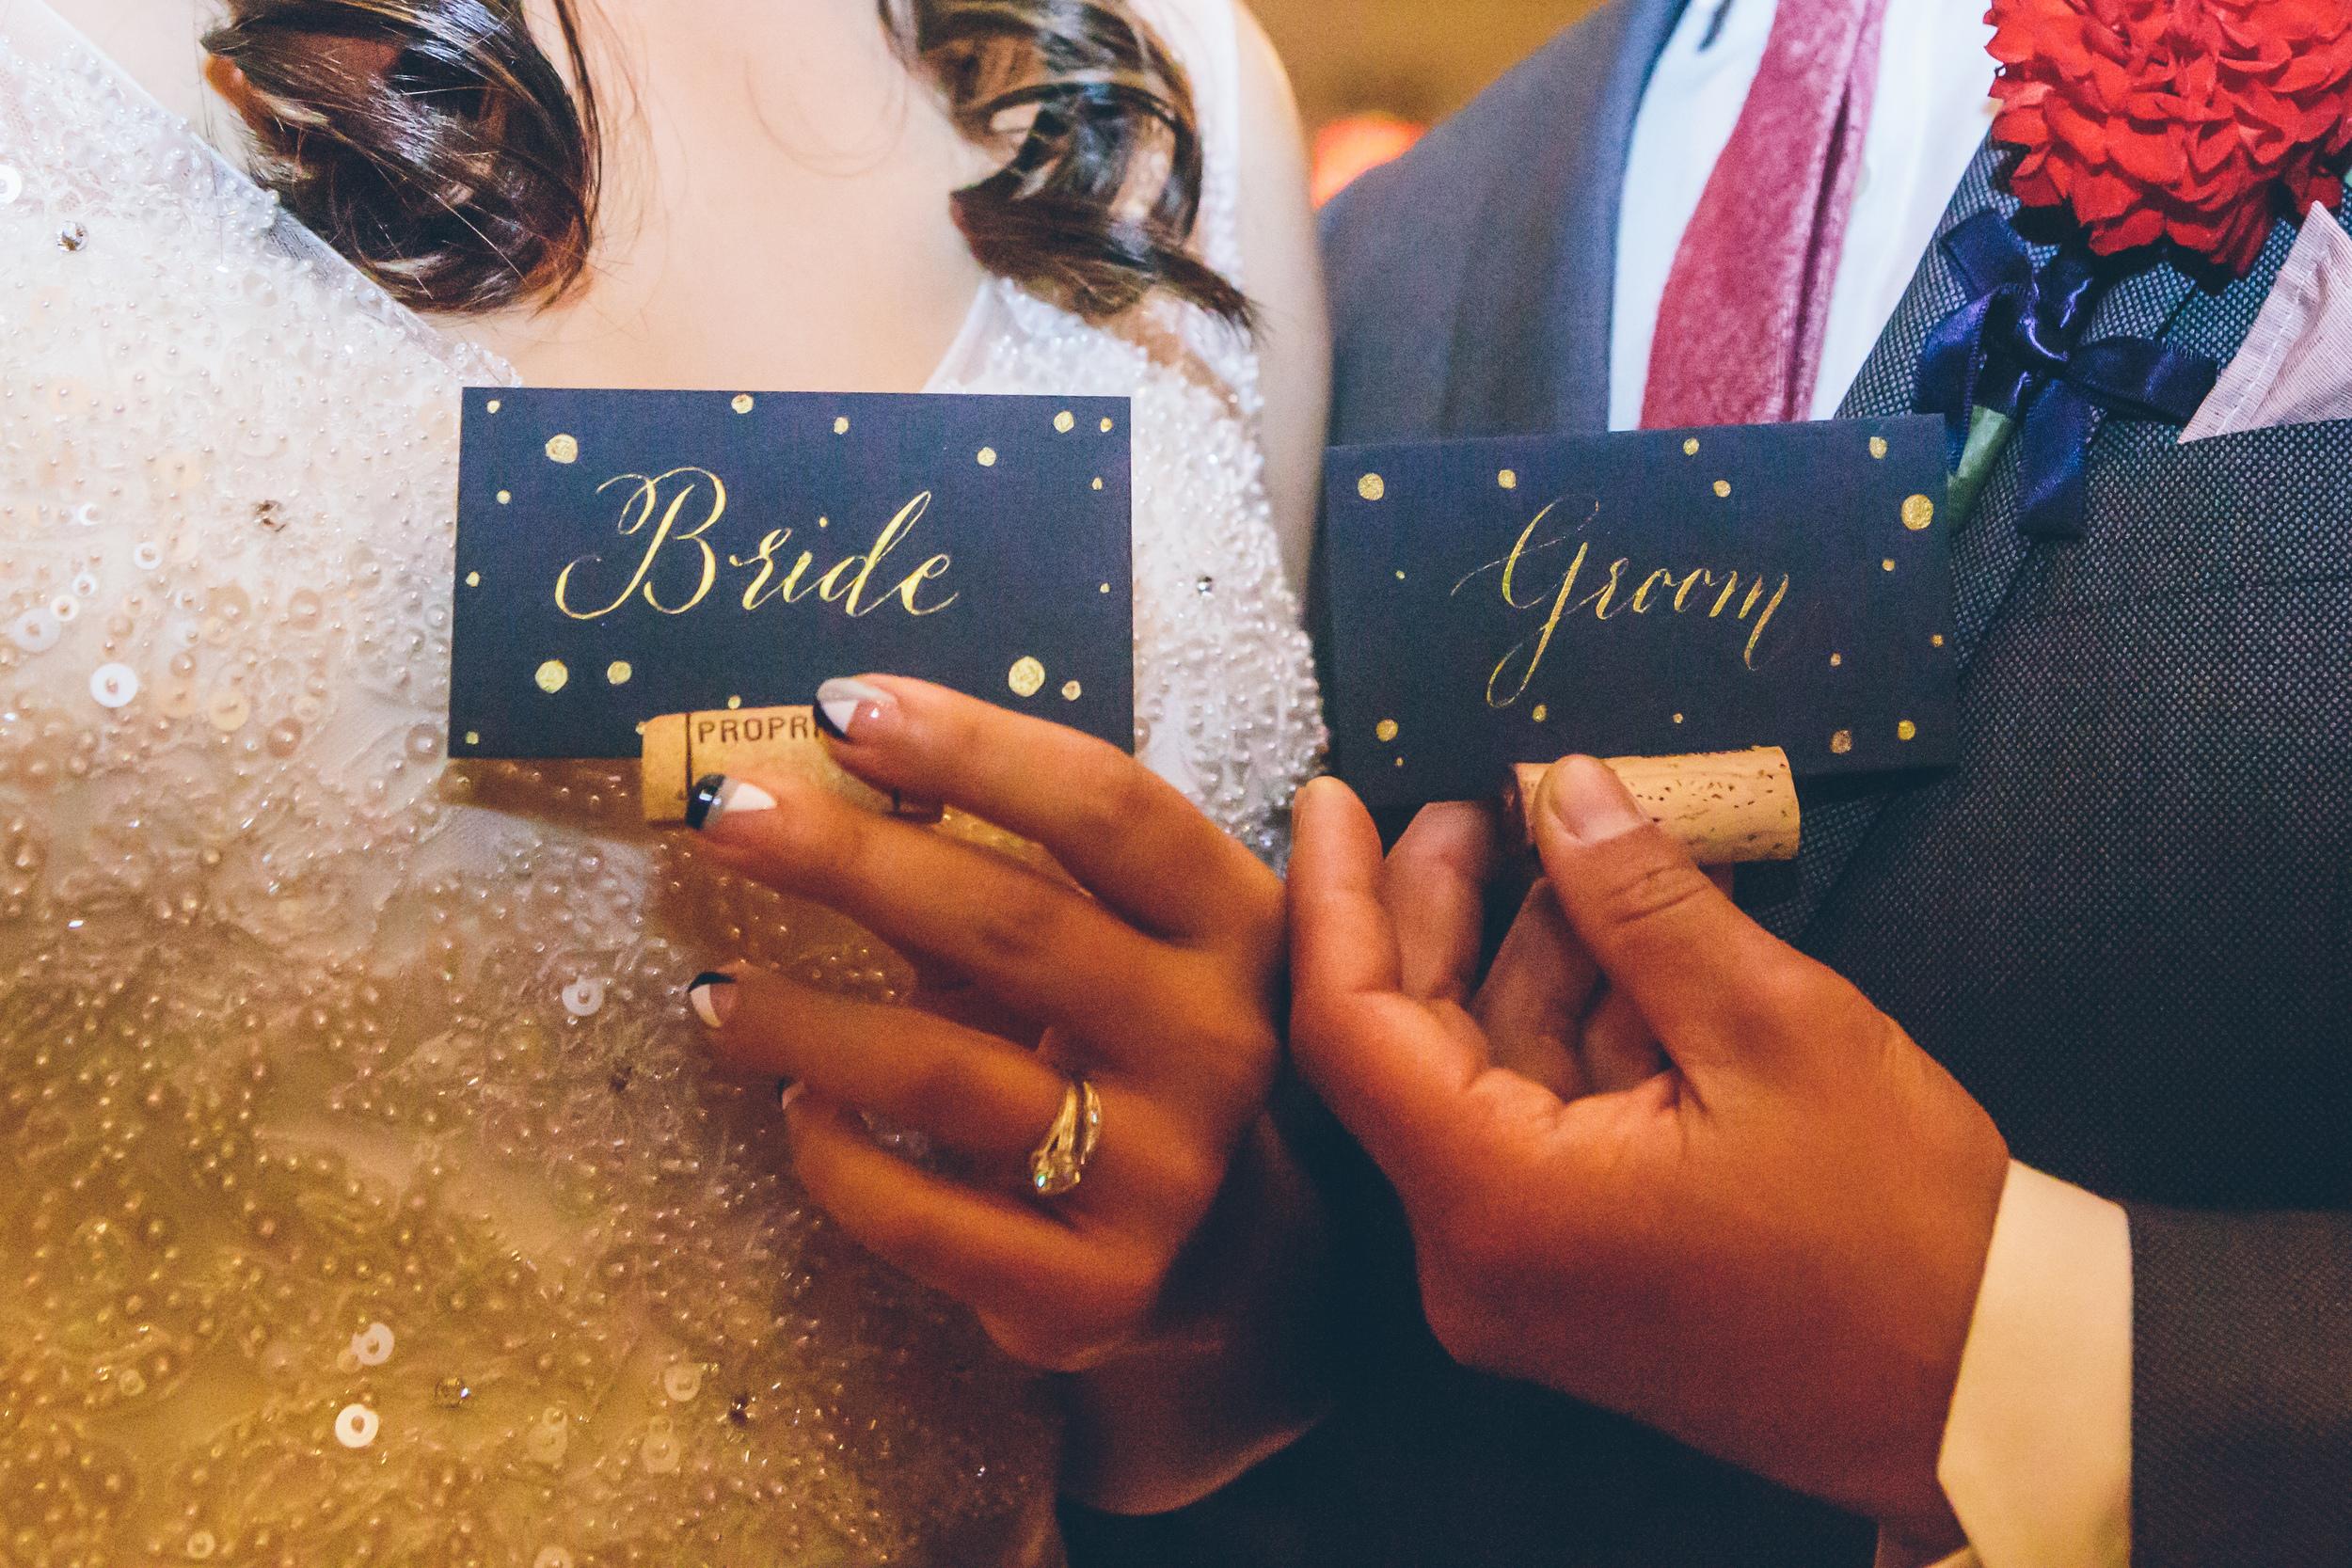 CHRISTINA-BRANDON-BROOKLYN-WEDDING-RECEPTION-CYNTHIACHUNG-0050.jpg